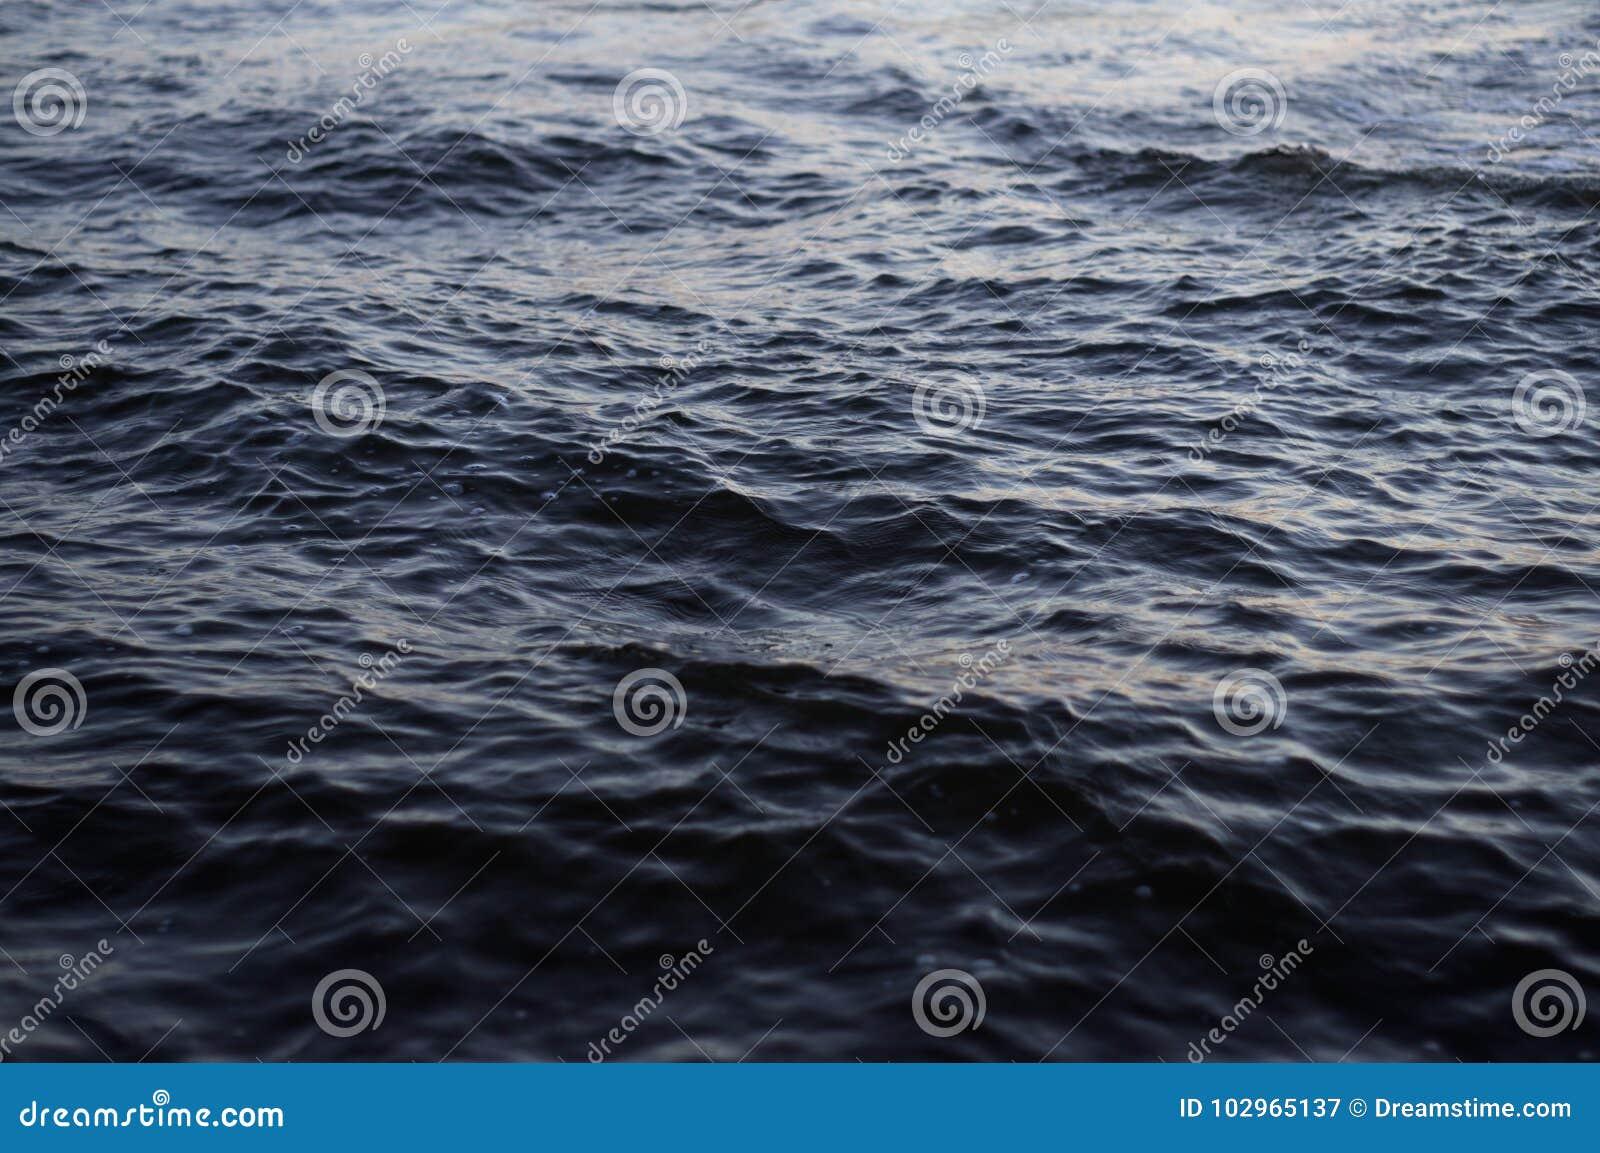 Εικόνα υποβάθρου της επιφάνειας νερού του νερού της θάλασσας με τα μικρά κύματα